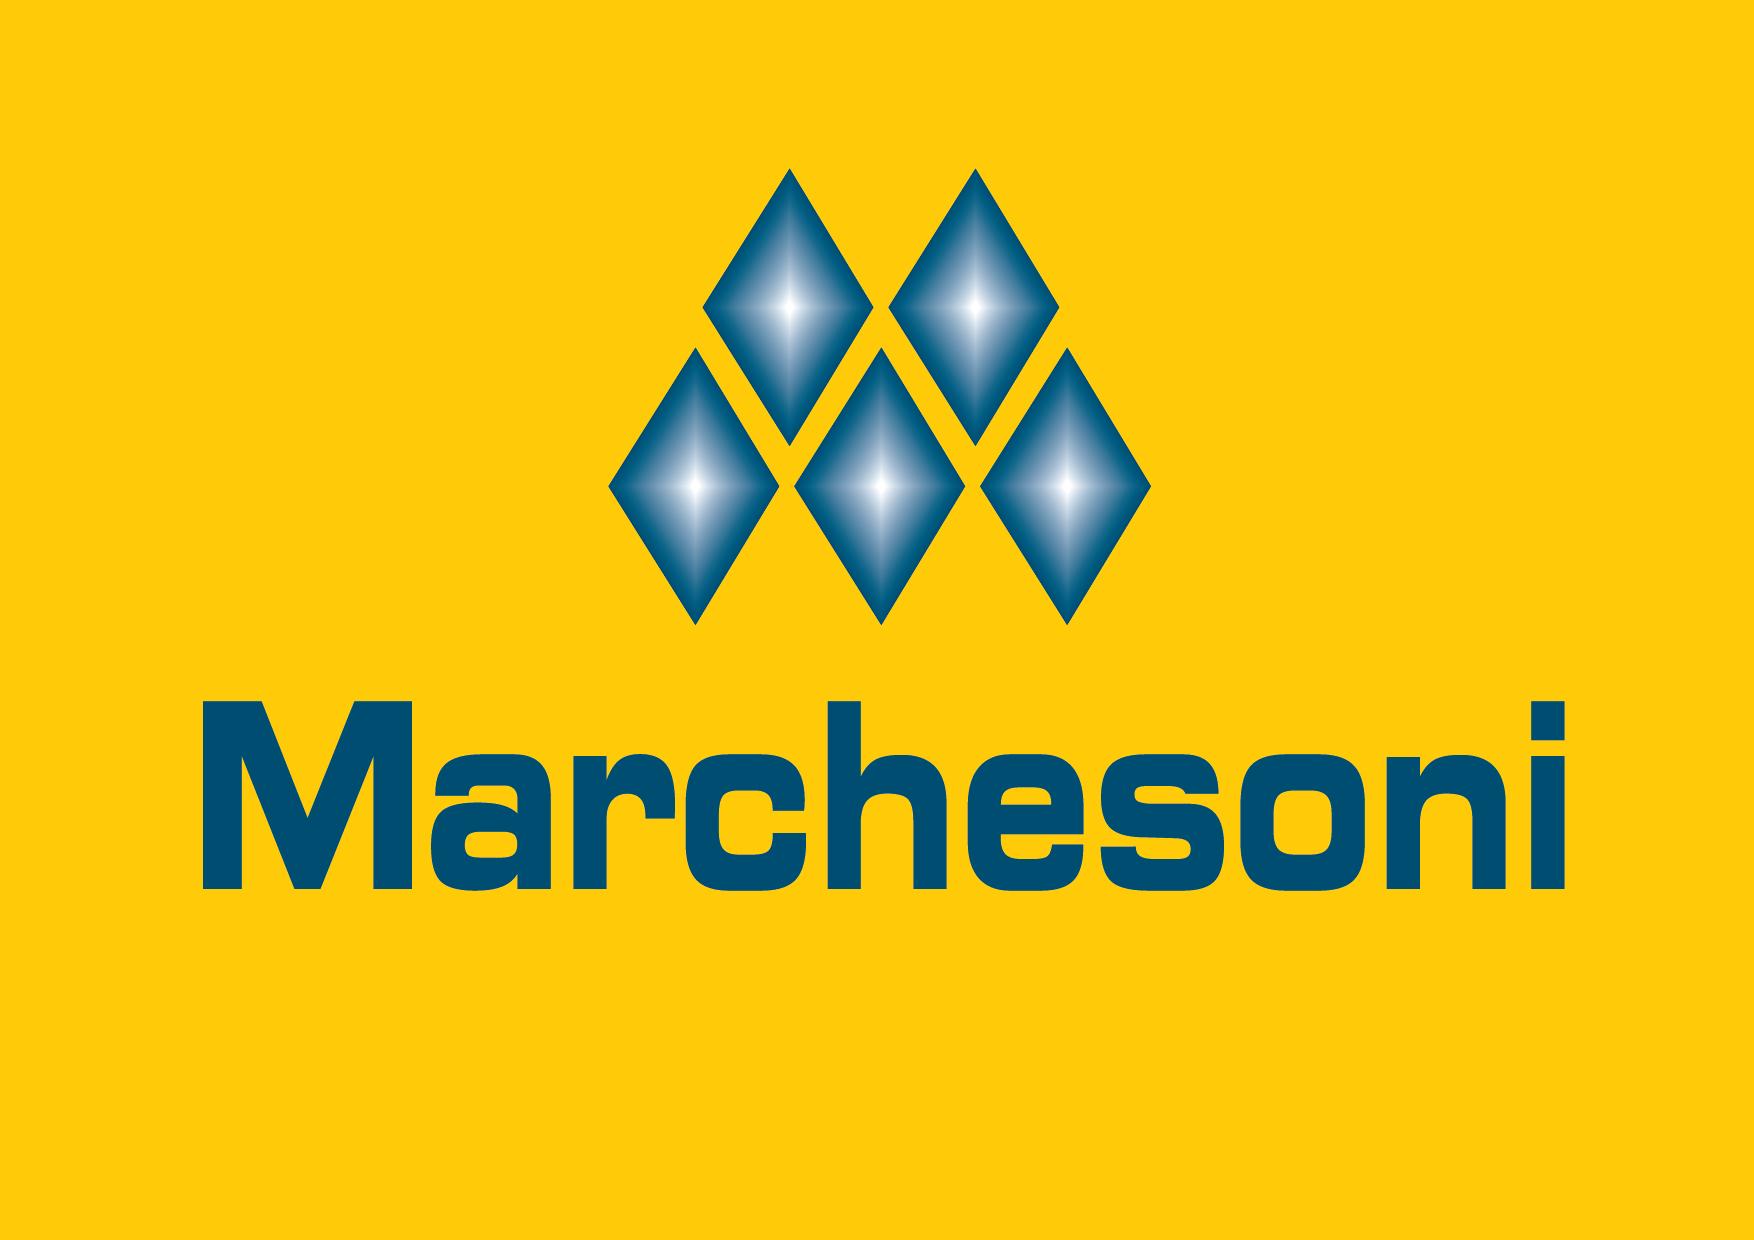 KIT com 10 Torres de Chopp MarcBeer Marchesoni 1,5 Litros - MB.2.150  - Carmel Equipamentos